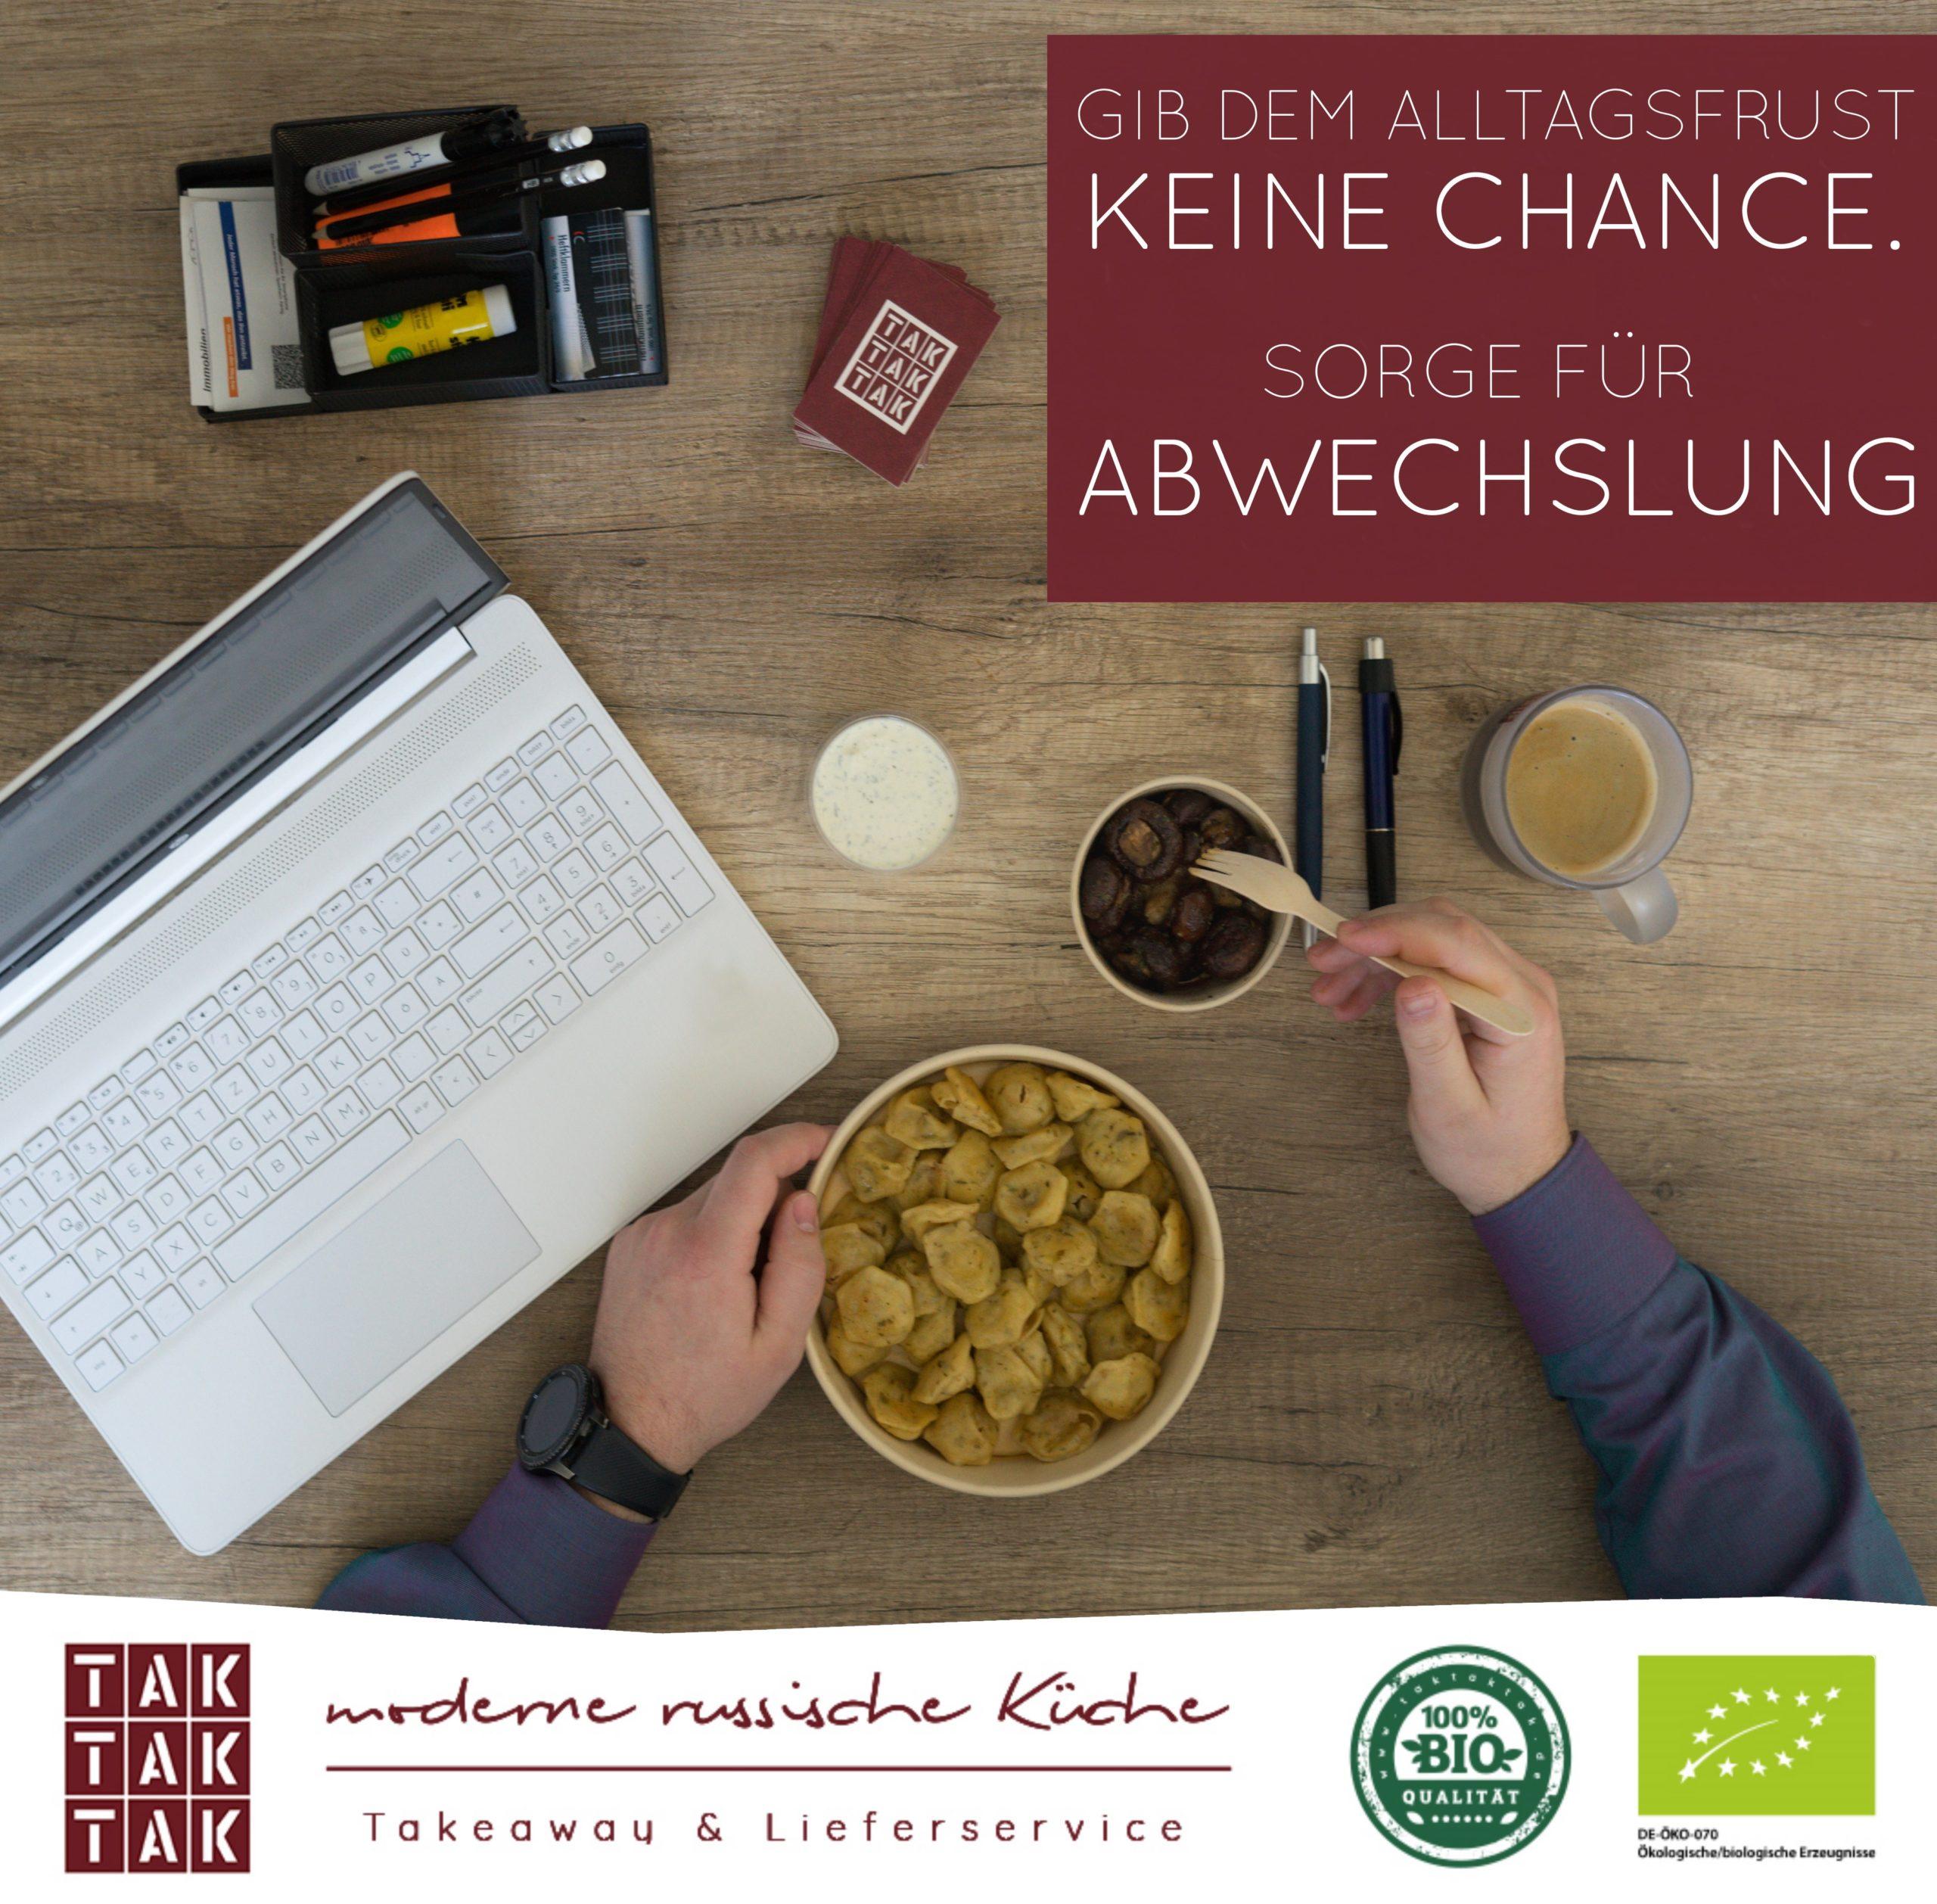 Tak Tak Tak Chemnitz Lieferdienst Bio